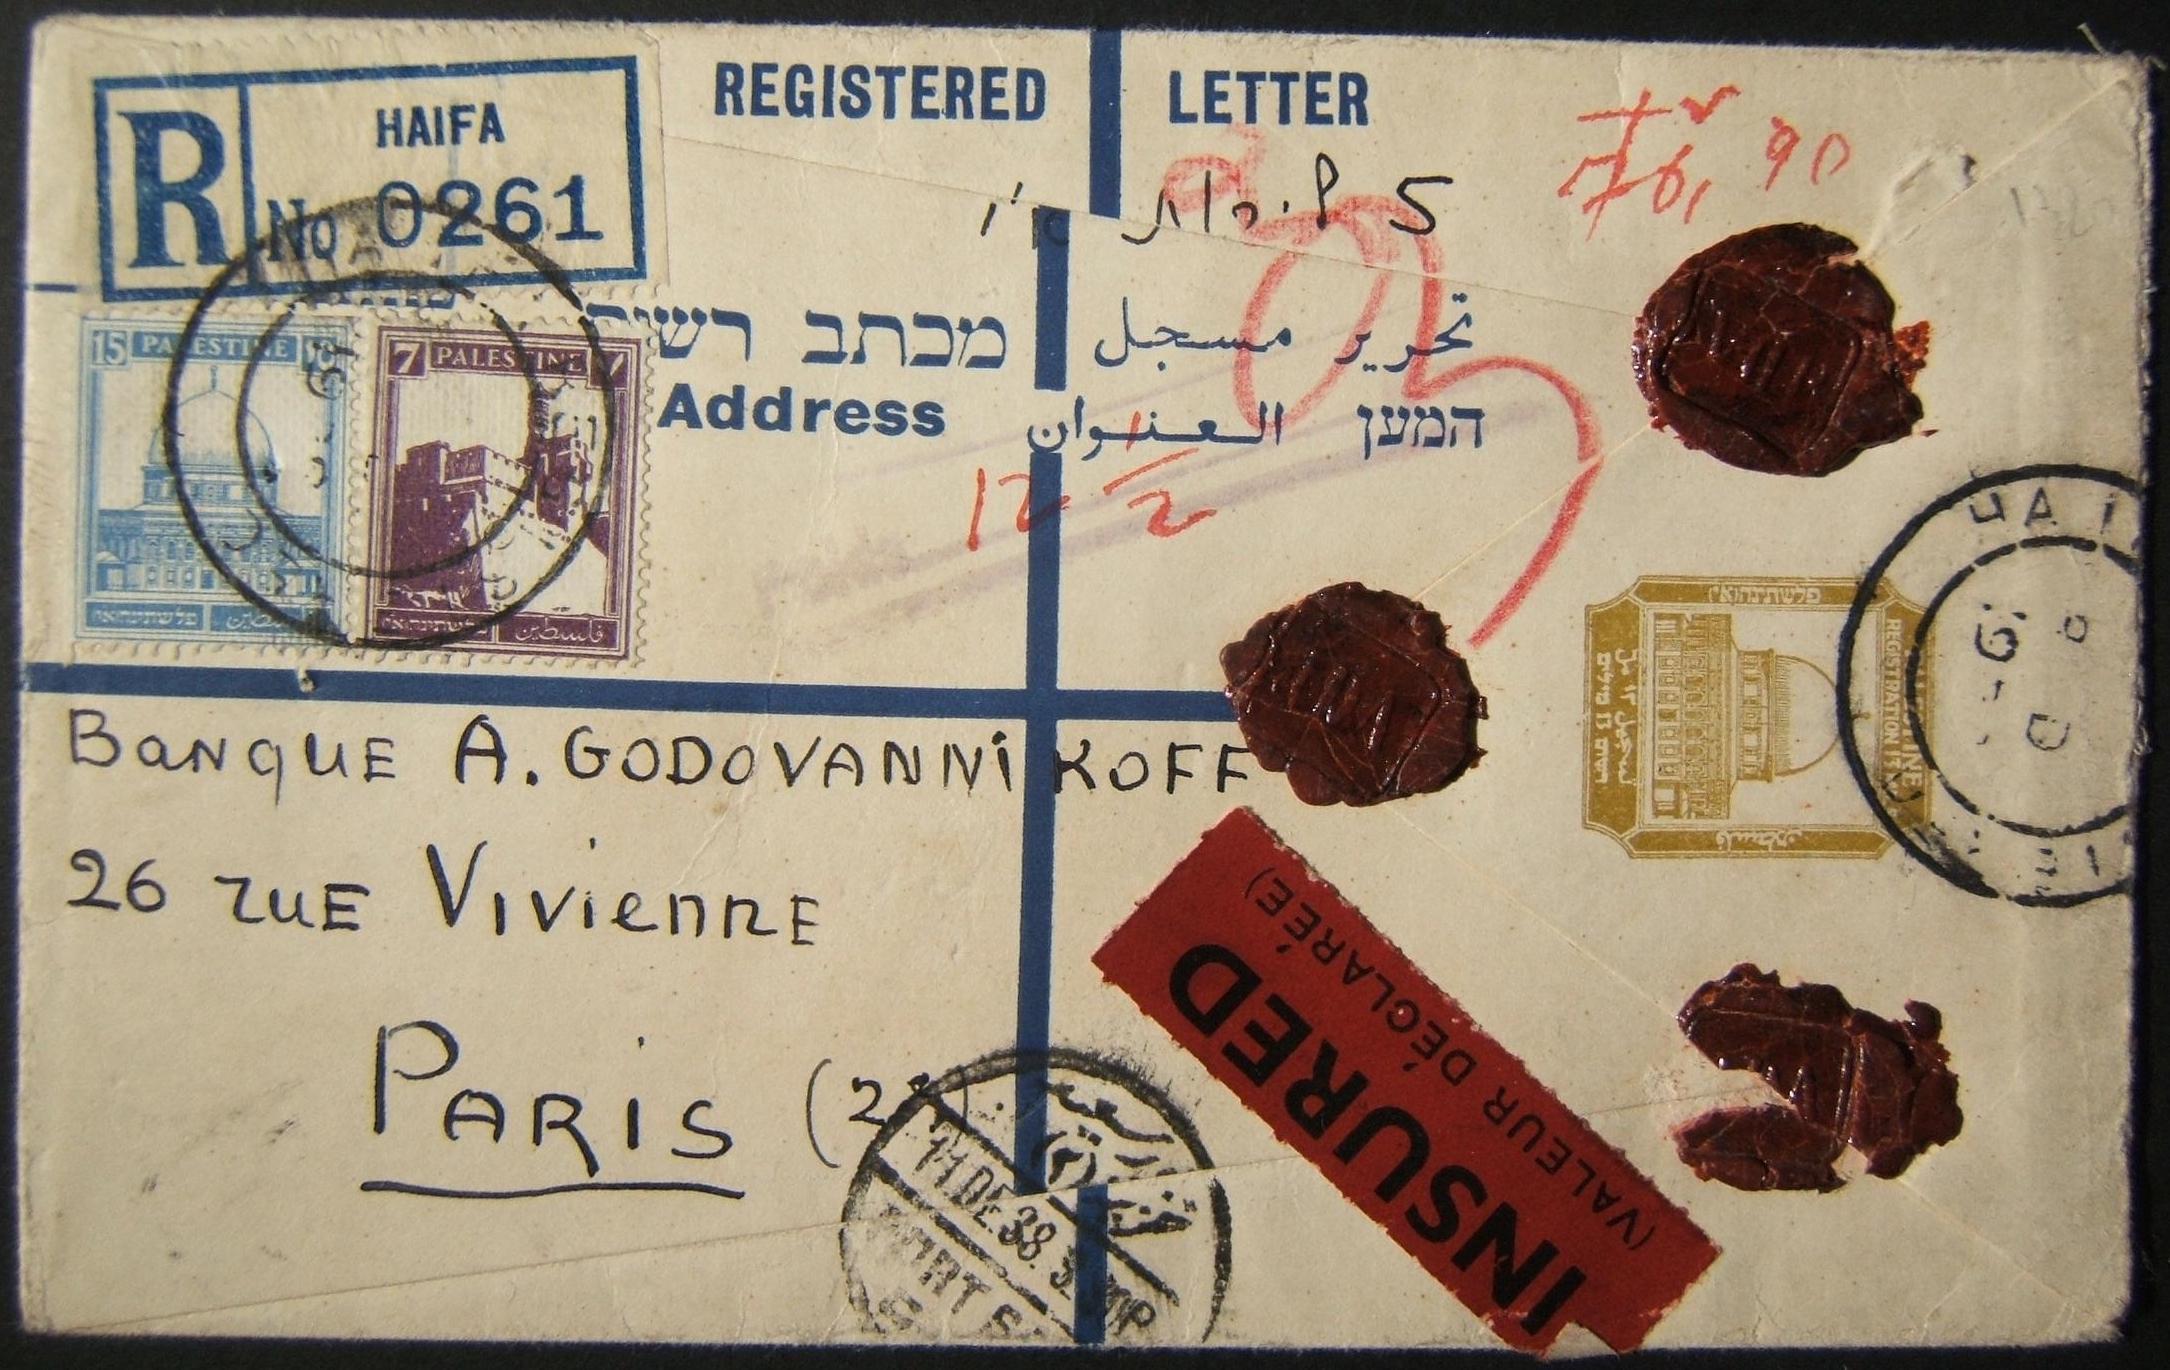 12/1938 ختم بريد هيفاء مسجل على 35 م ظرف مسجل من هيفاء إلى باريس